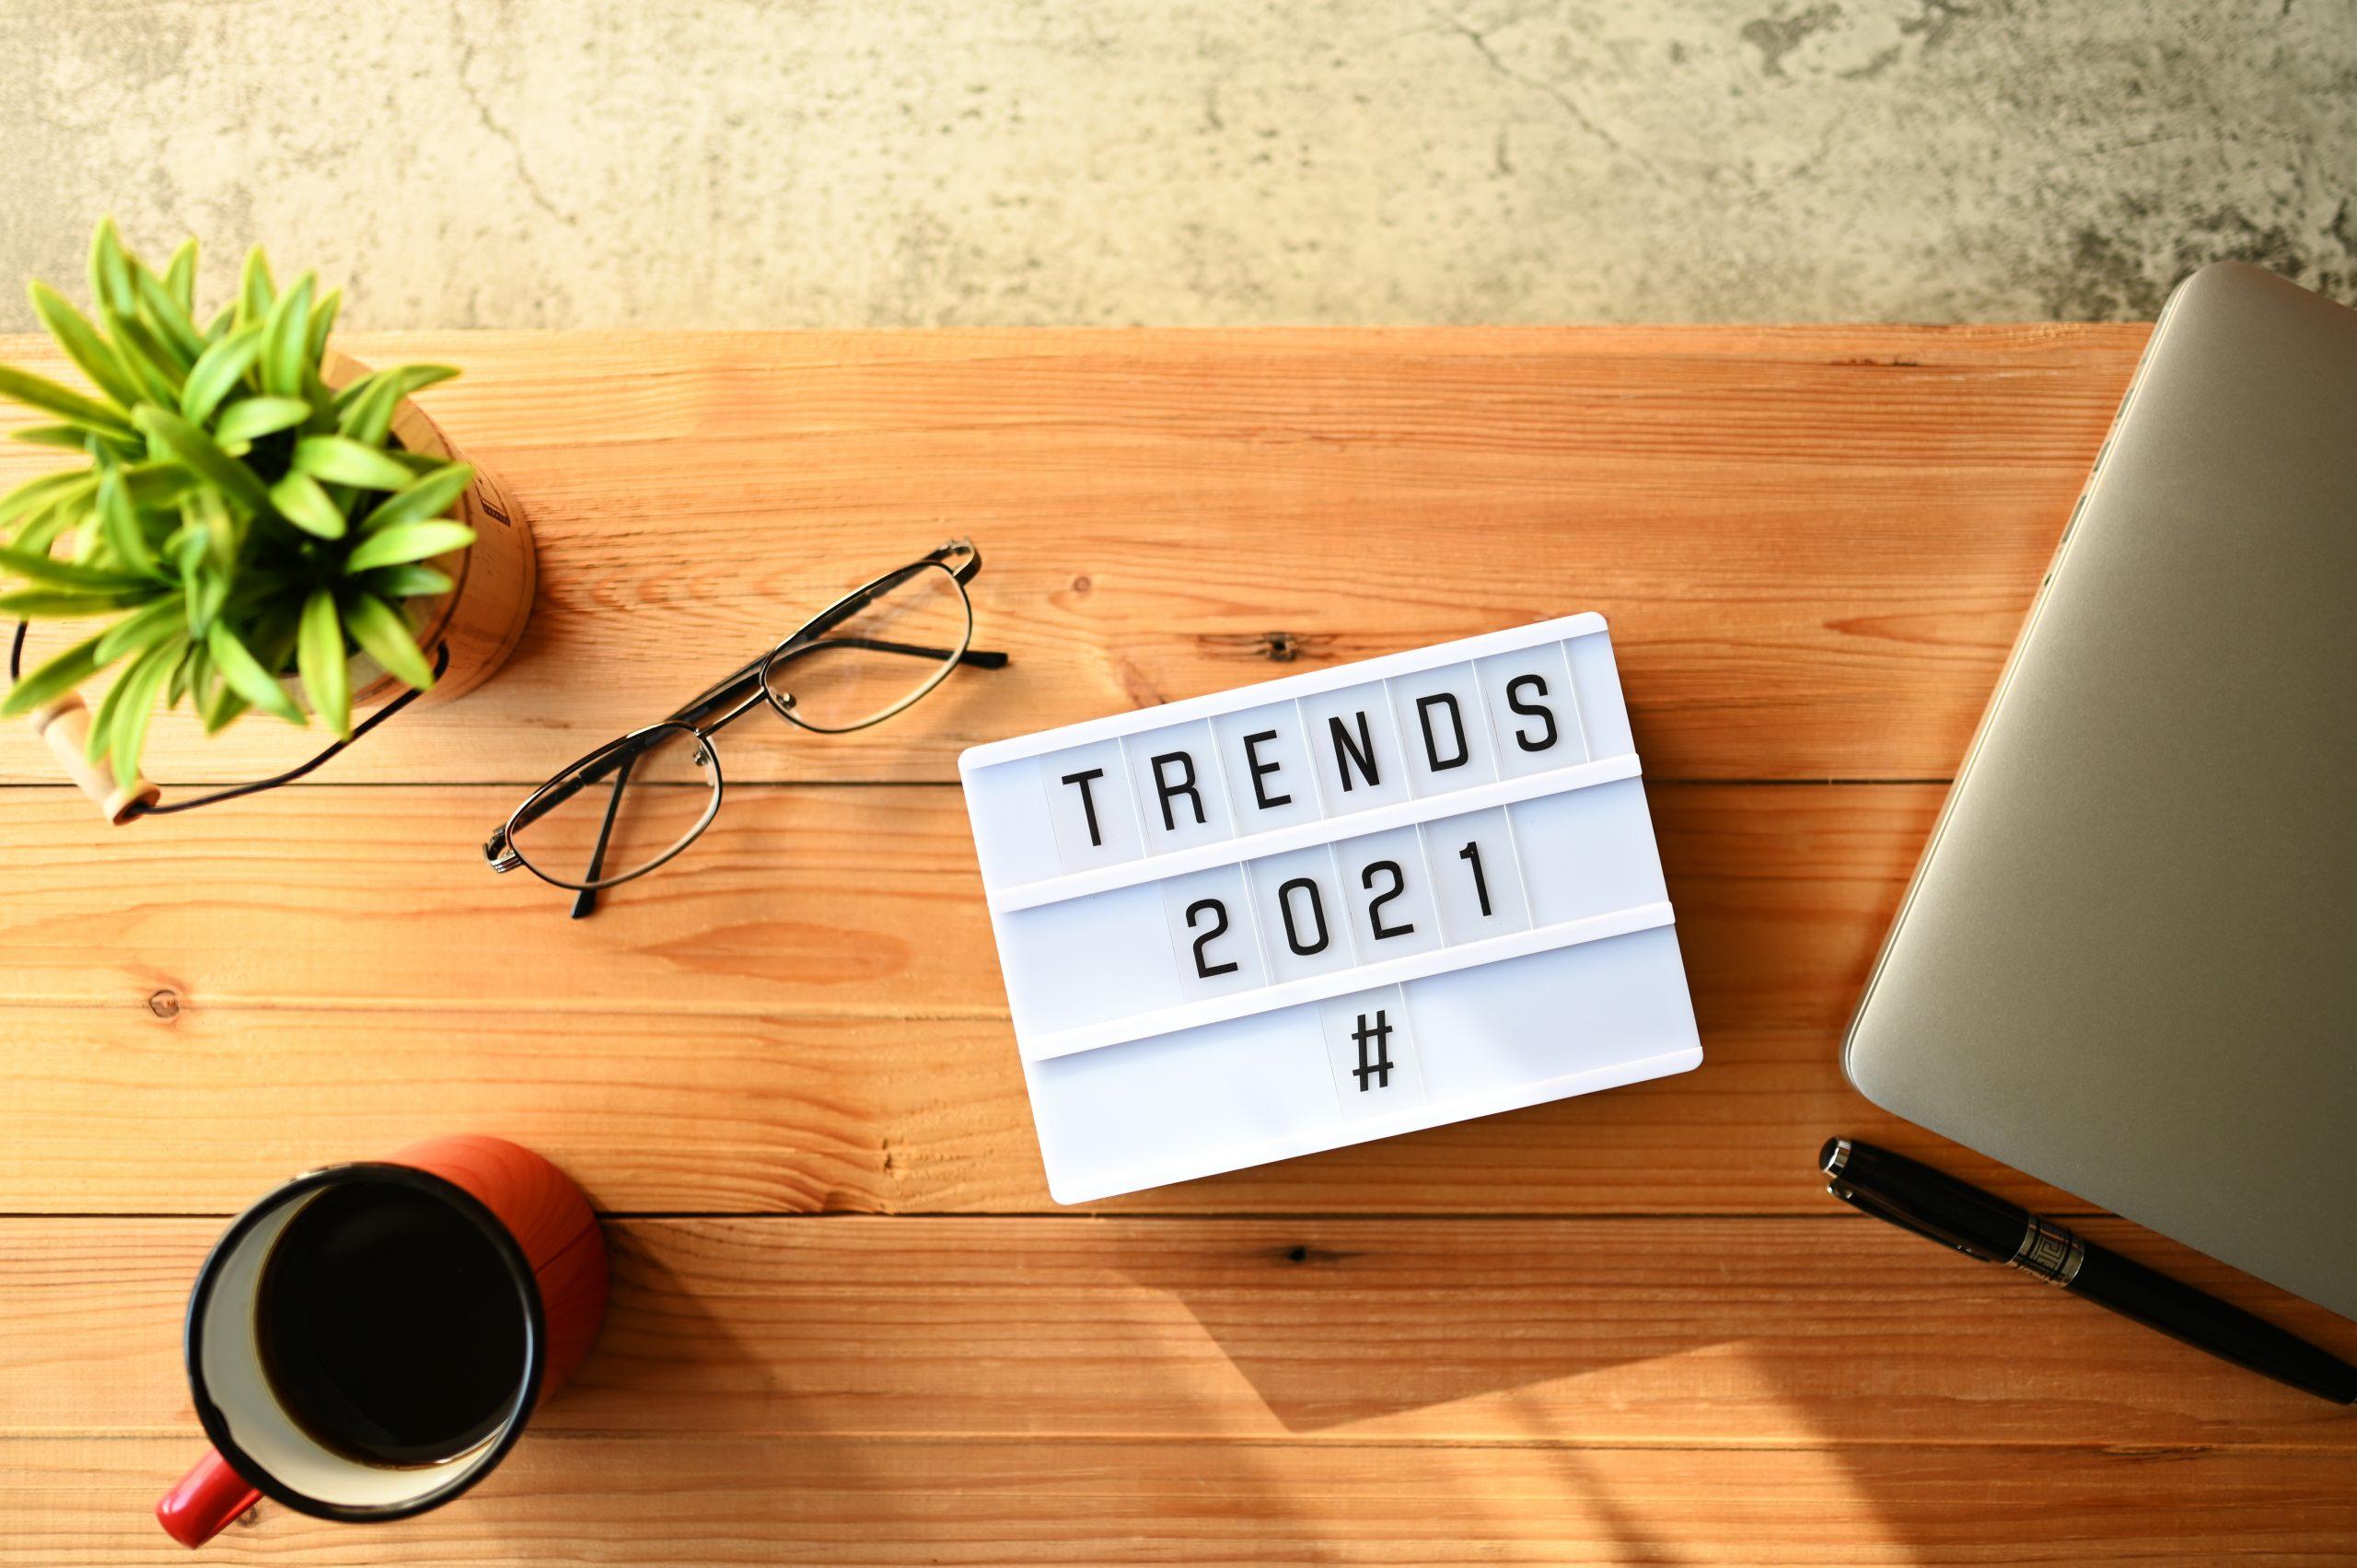 Tendências para 2021: 4 temas da tecnologia em alta neste ano